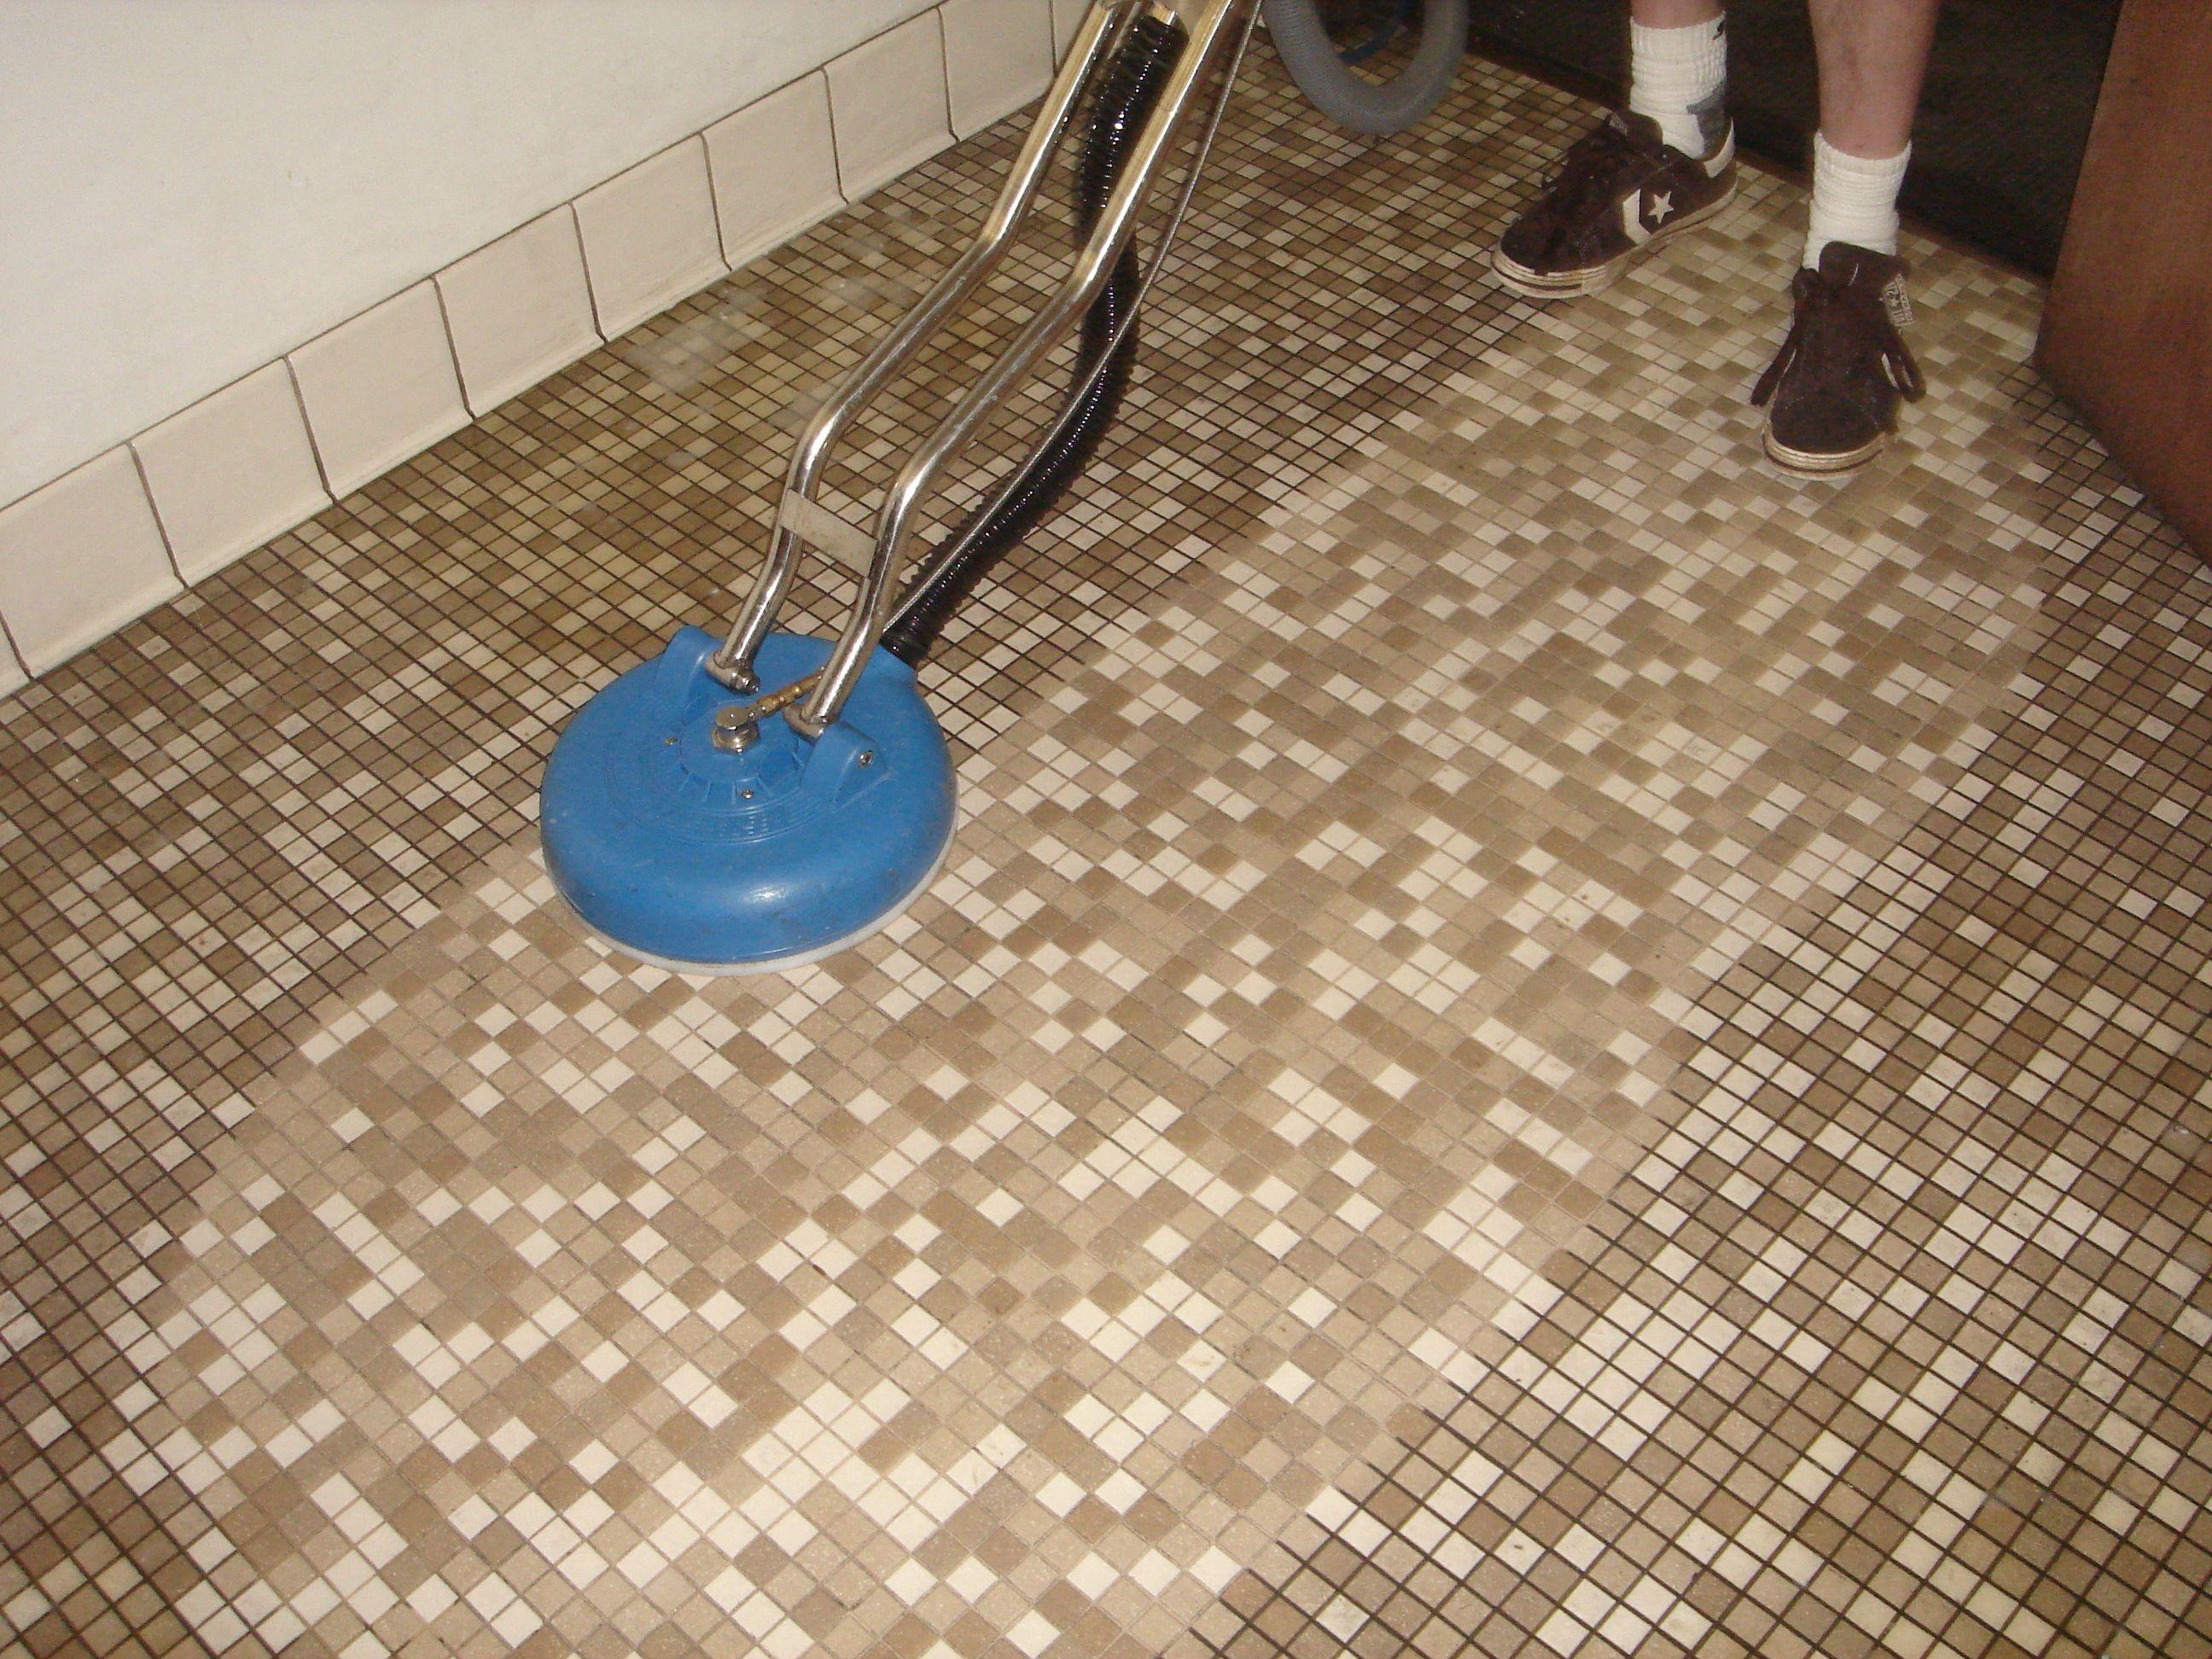 Tile Floor Steam Cleaner Tile Design Ideas Grout Cleaner Tile Floor Grout Repair